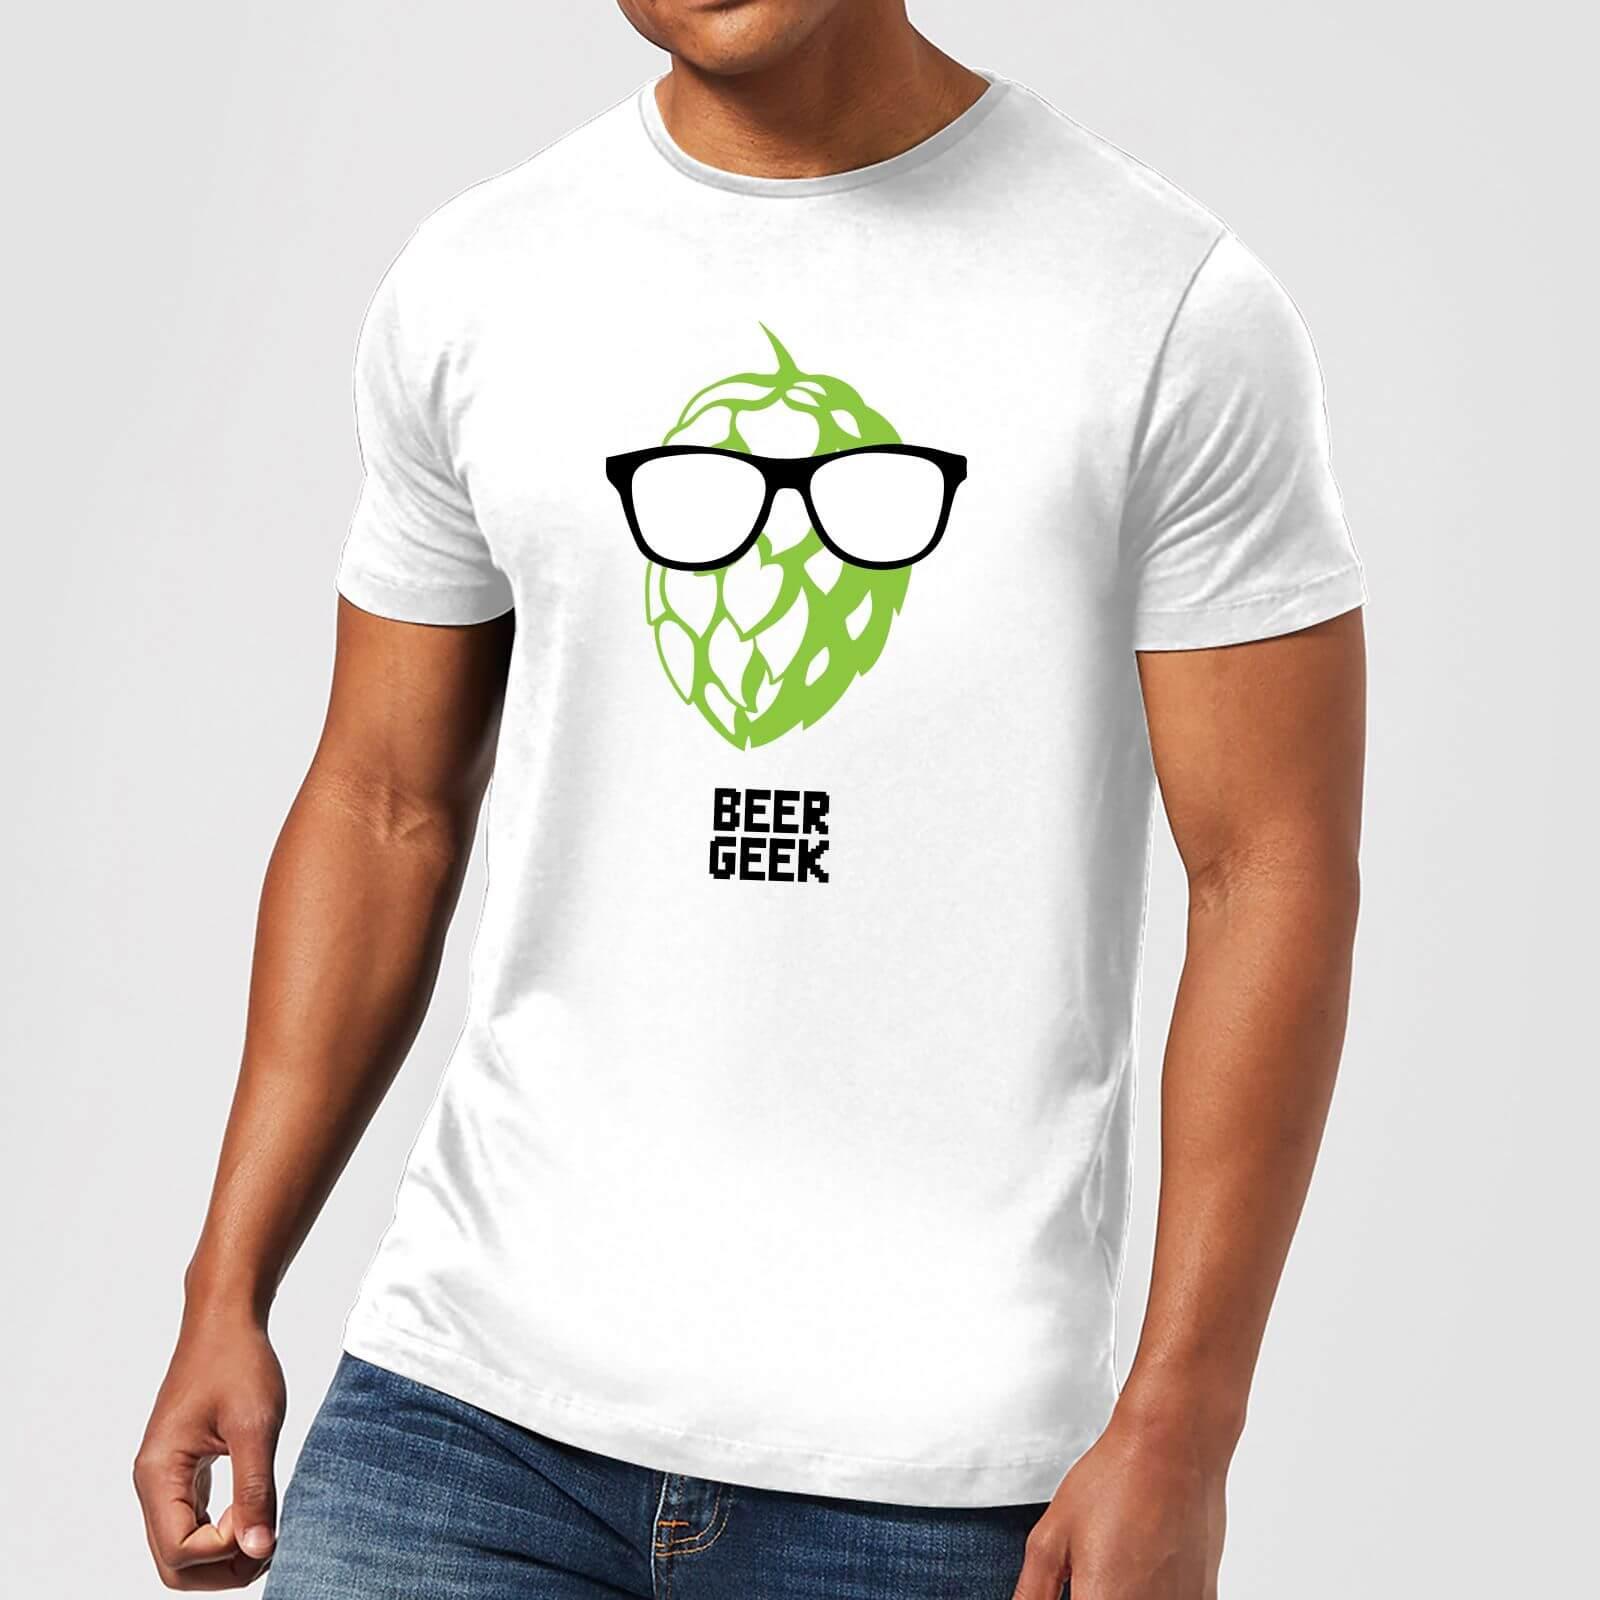 Beershield Beer Geek Men's T-Shirt - M - White